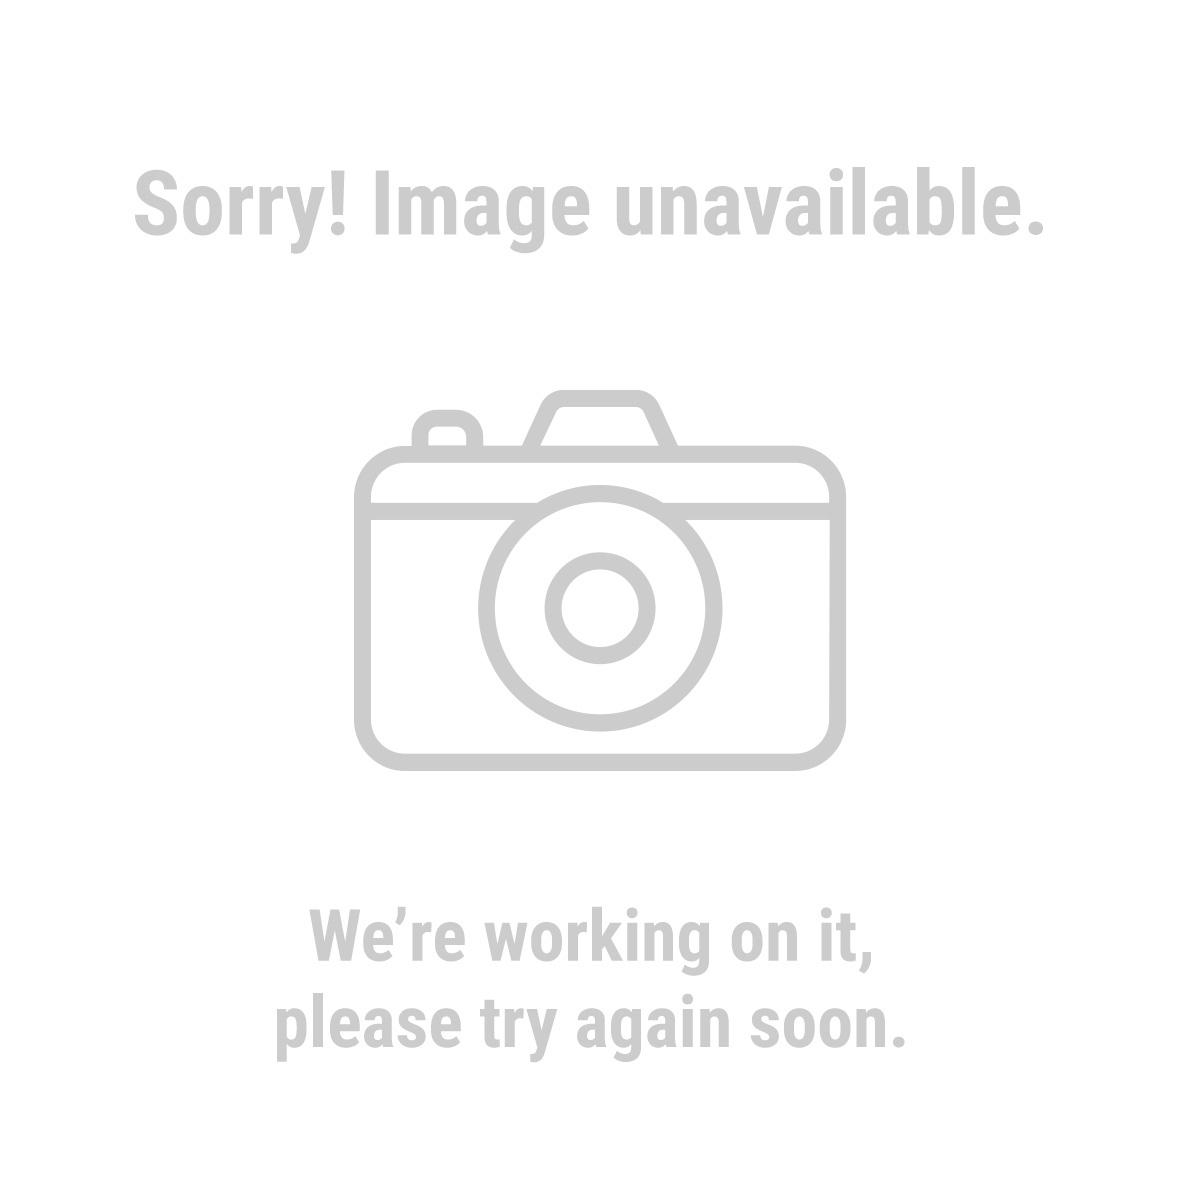 Warrior 60837 4 in. 40 Grit Masonry Cut-Off Wheel 10 Pc